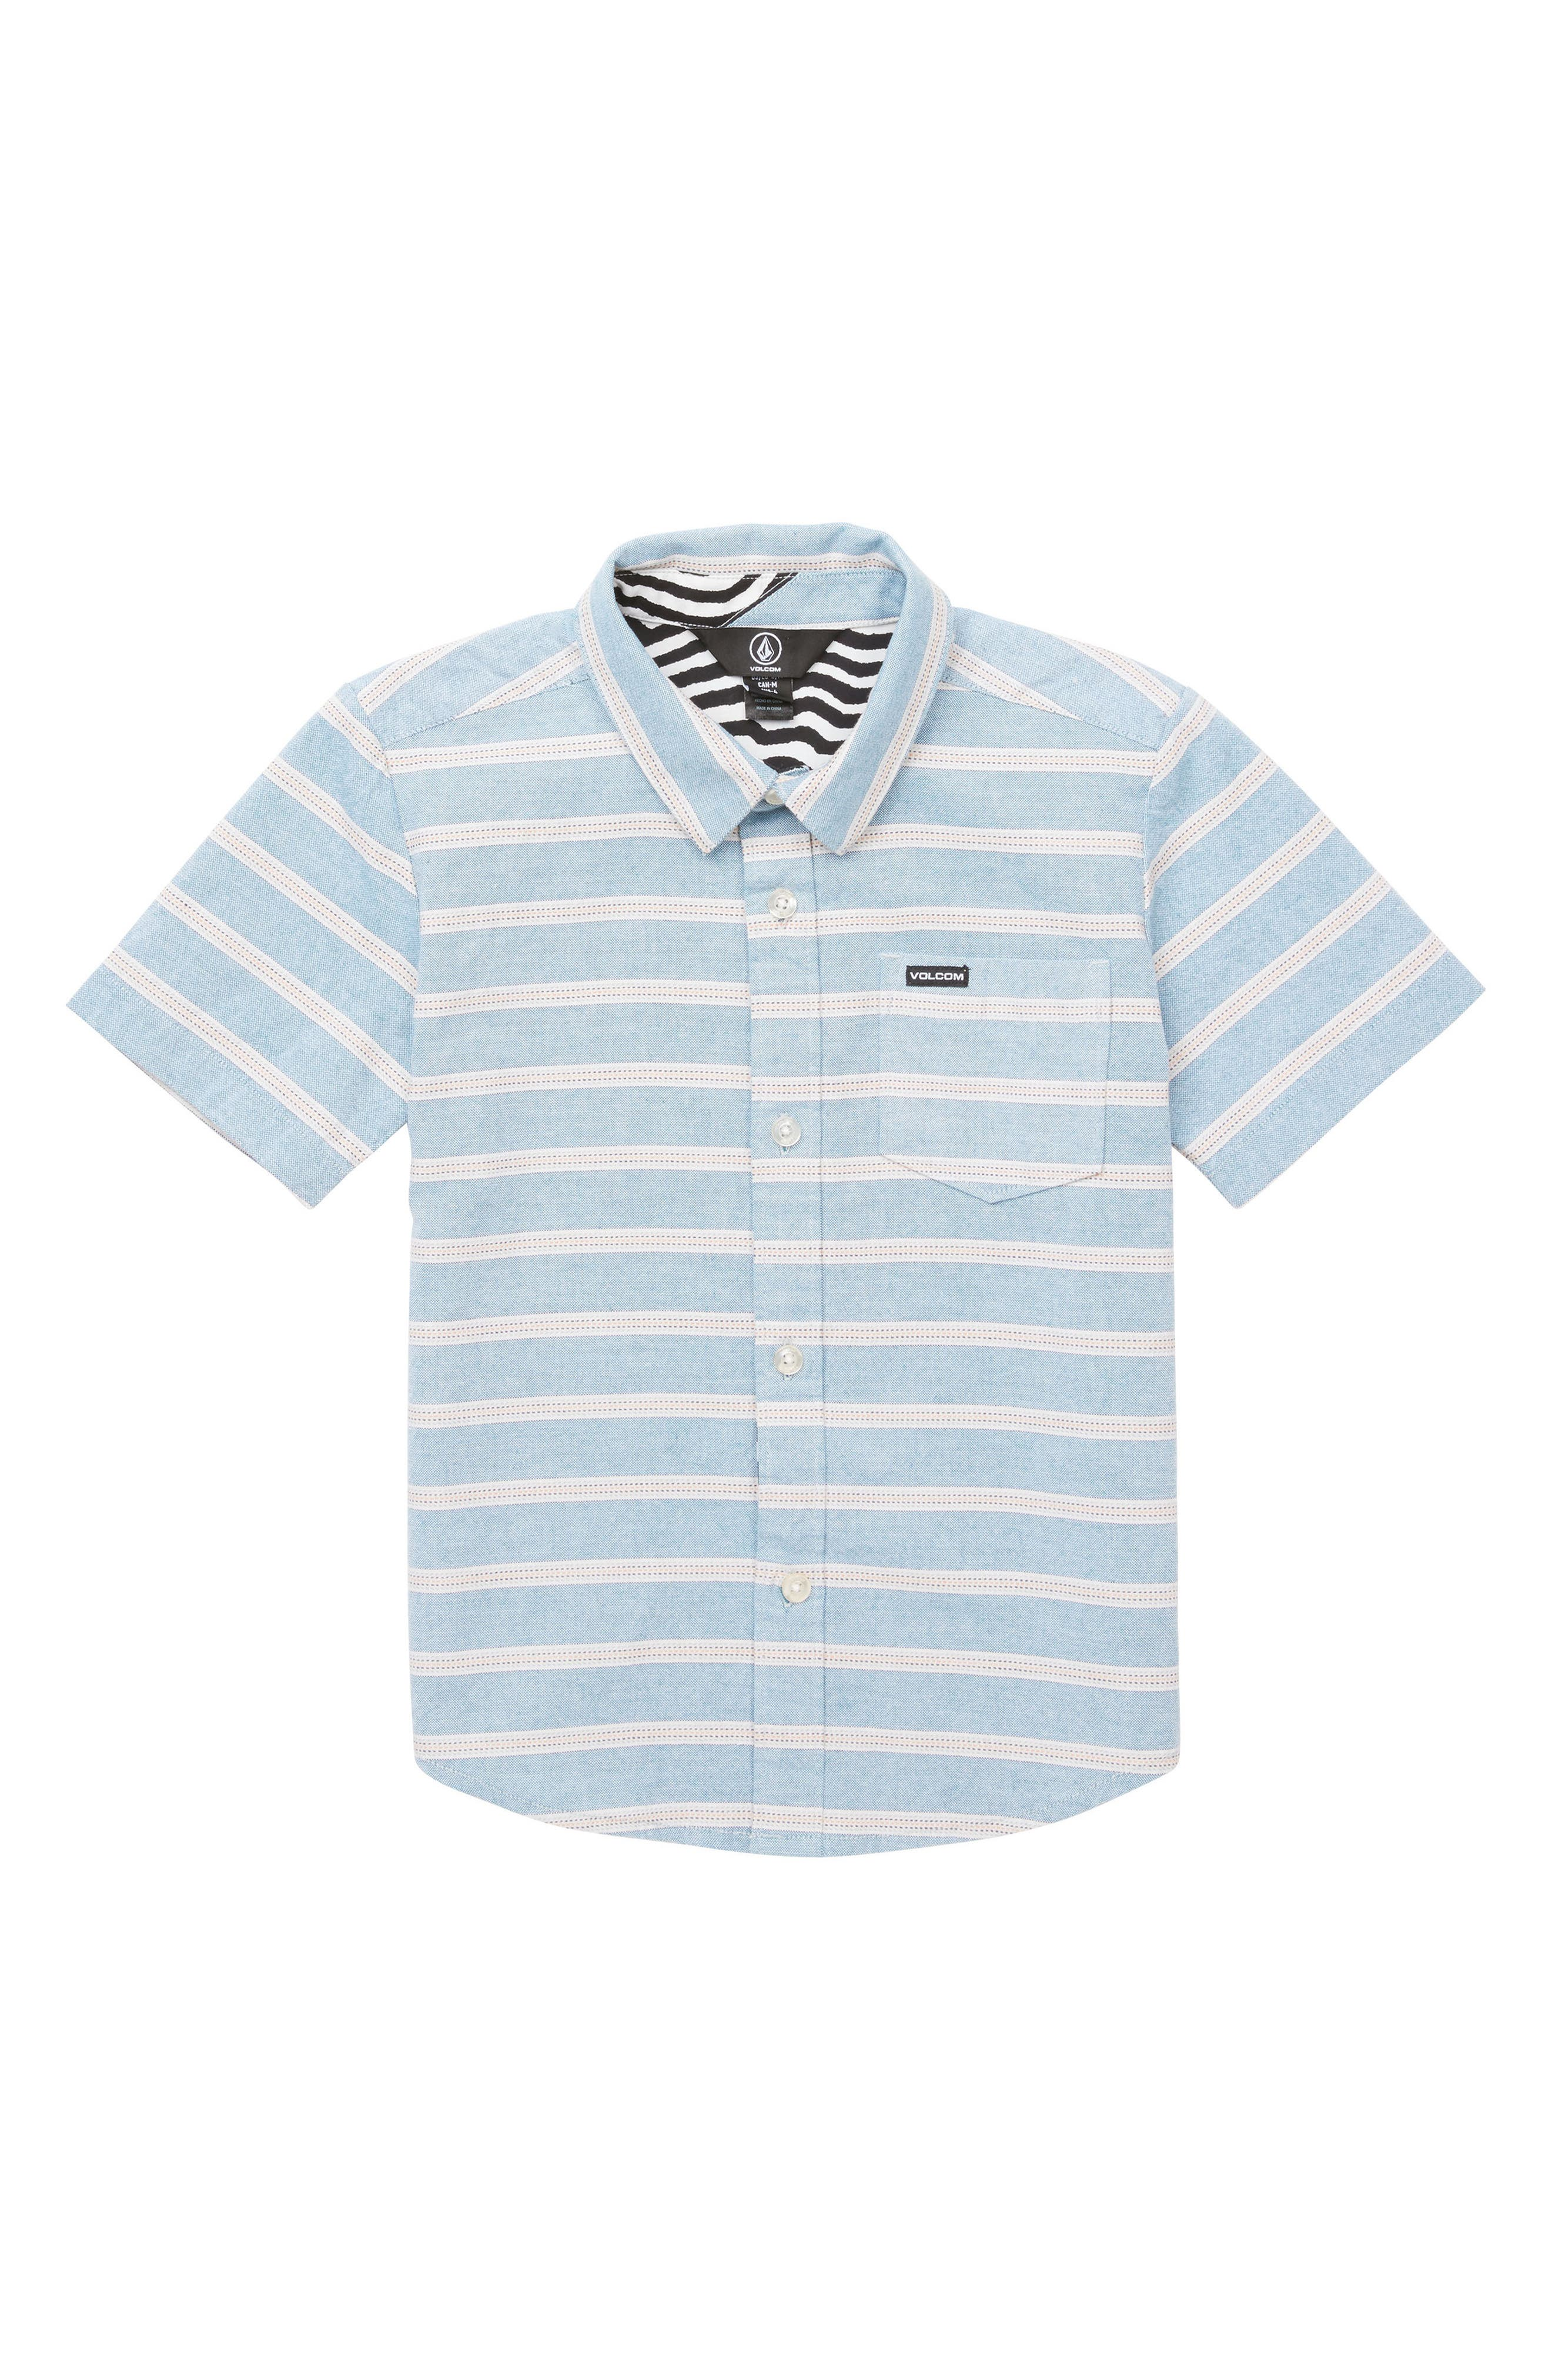 Branson Stripe Woven Shirt,                         Main,                         color, Vintage Blue